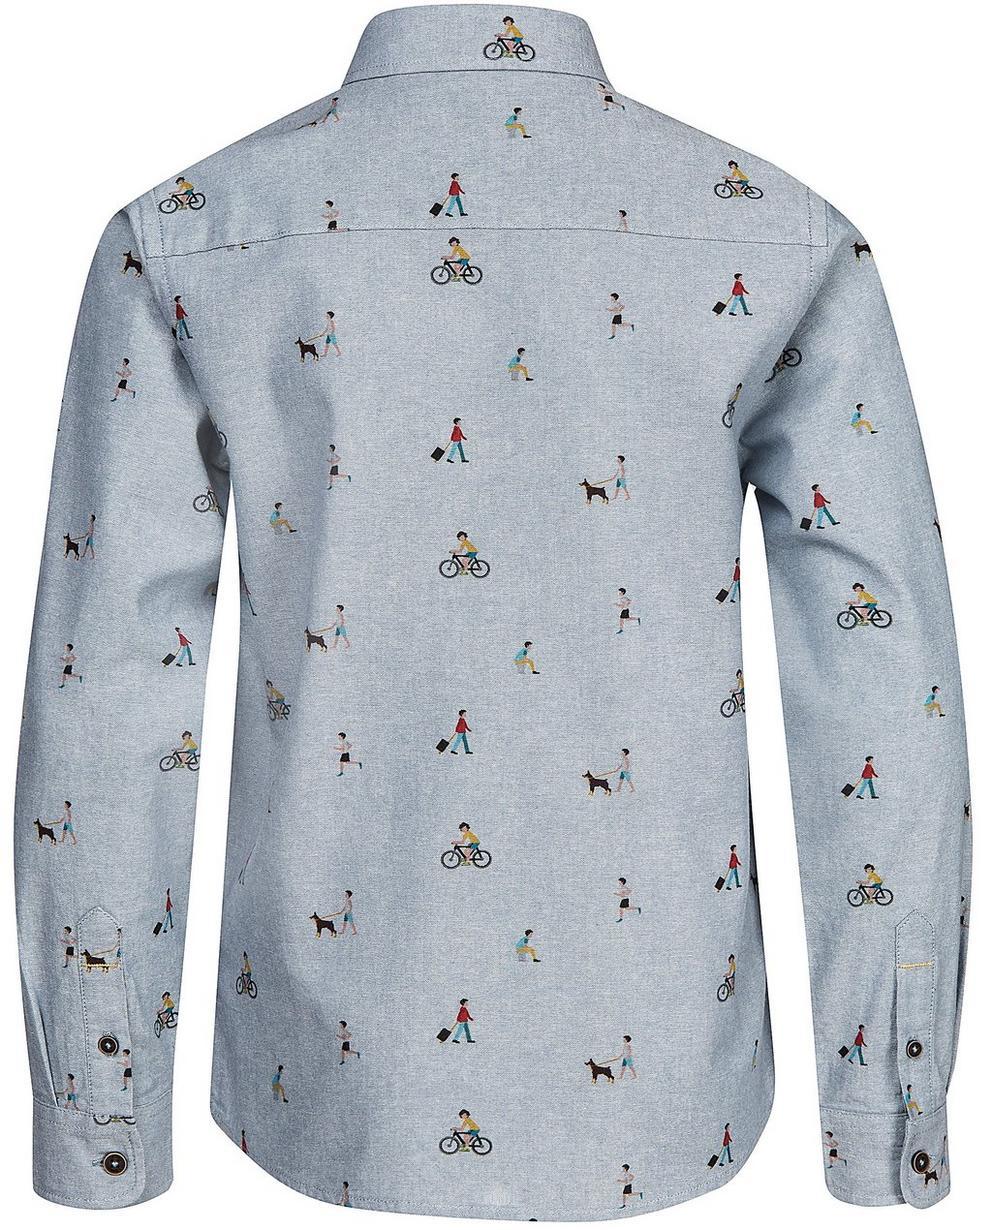 Hemden - Helltürkis - Jeanshemd aus Biobaumwolle mit Print